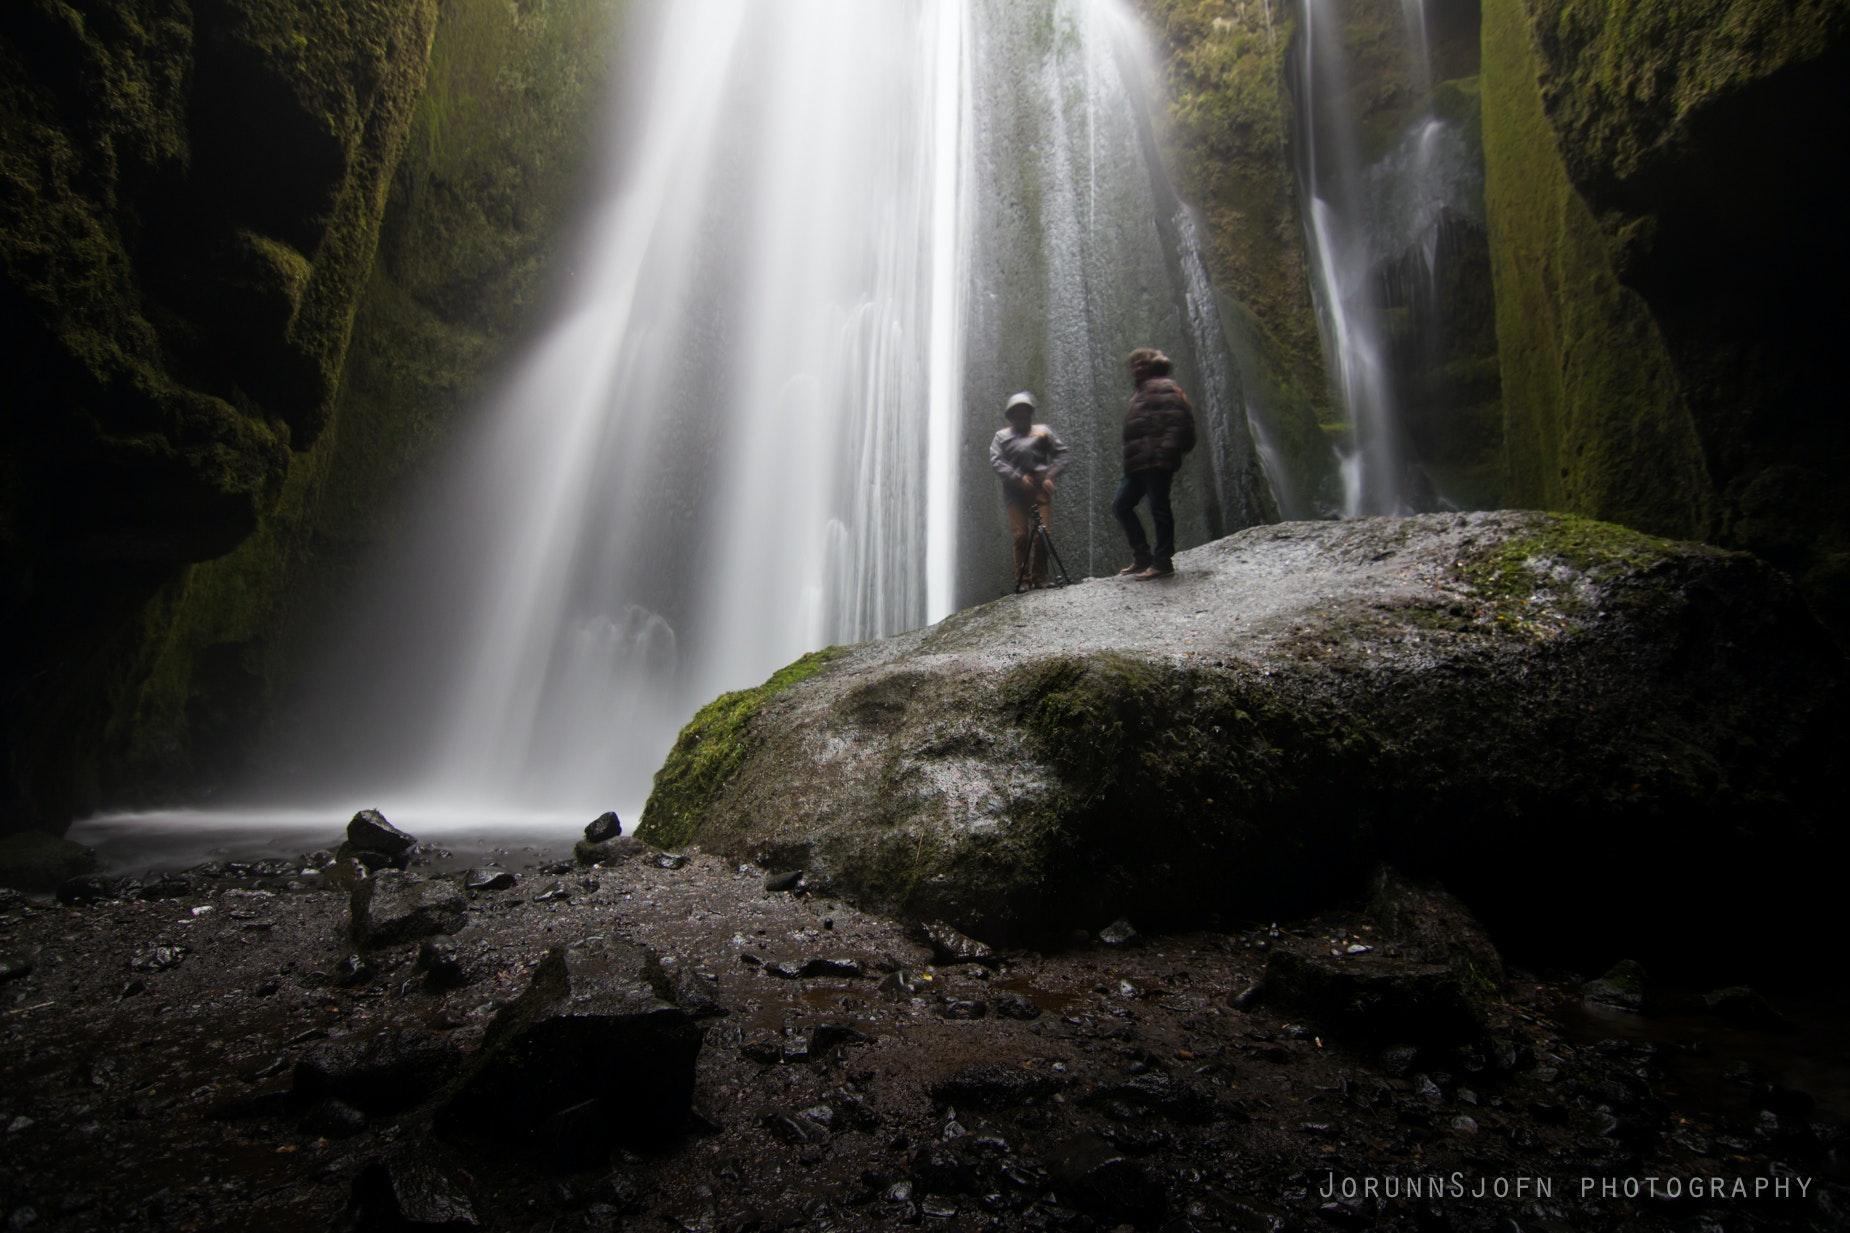 Gljúfrabúi in Iceland